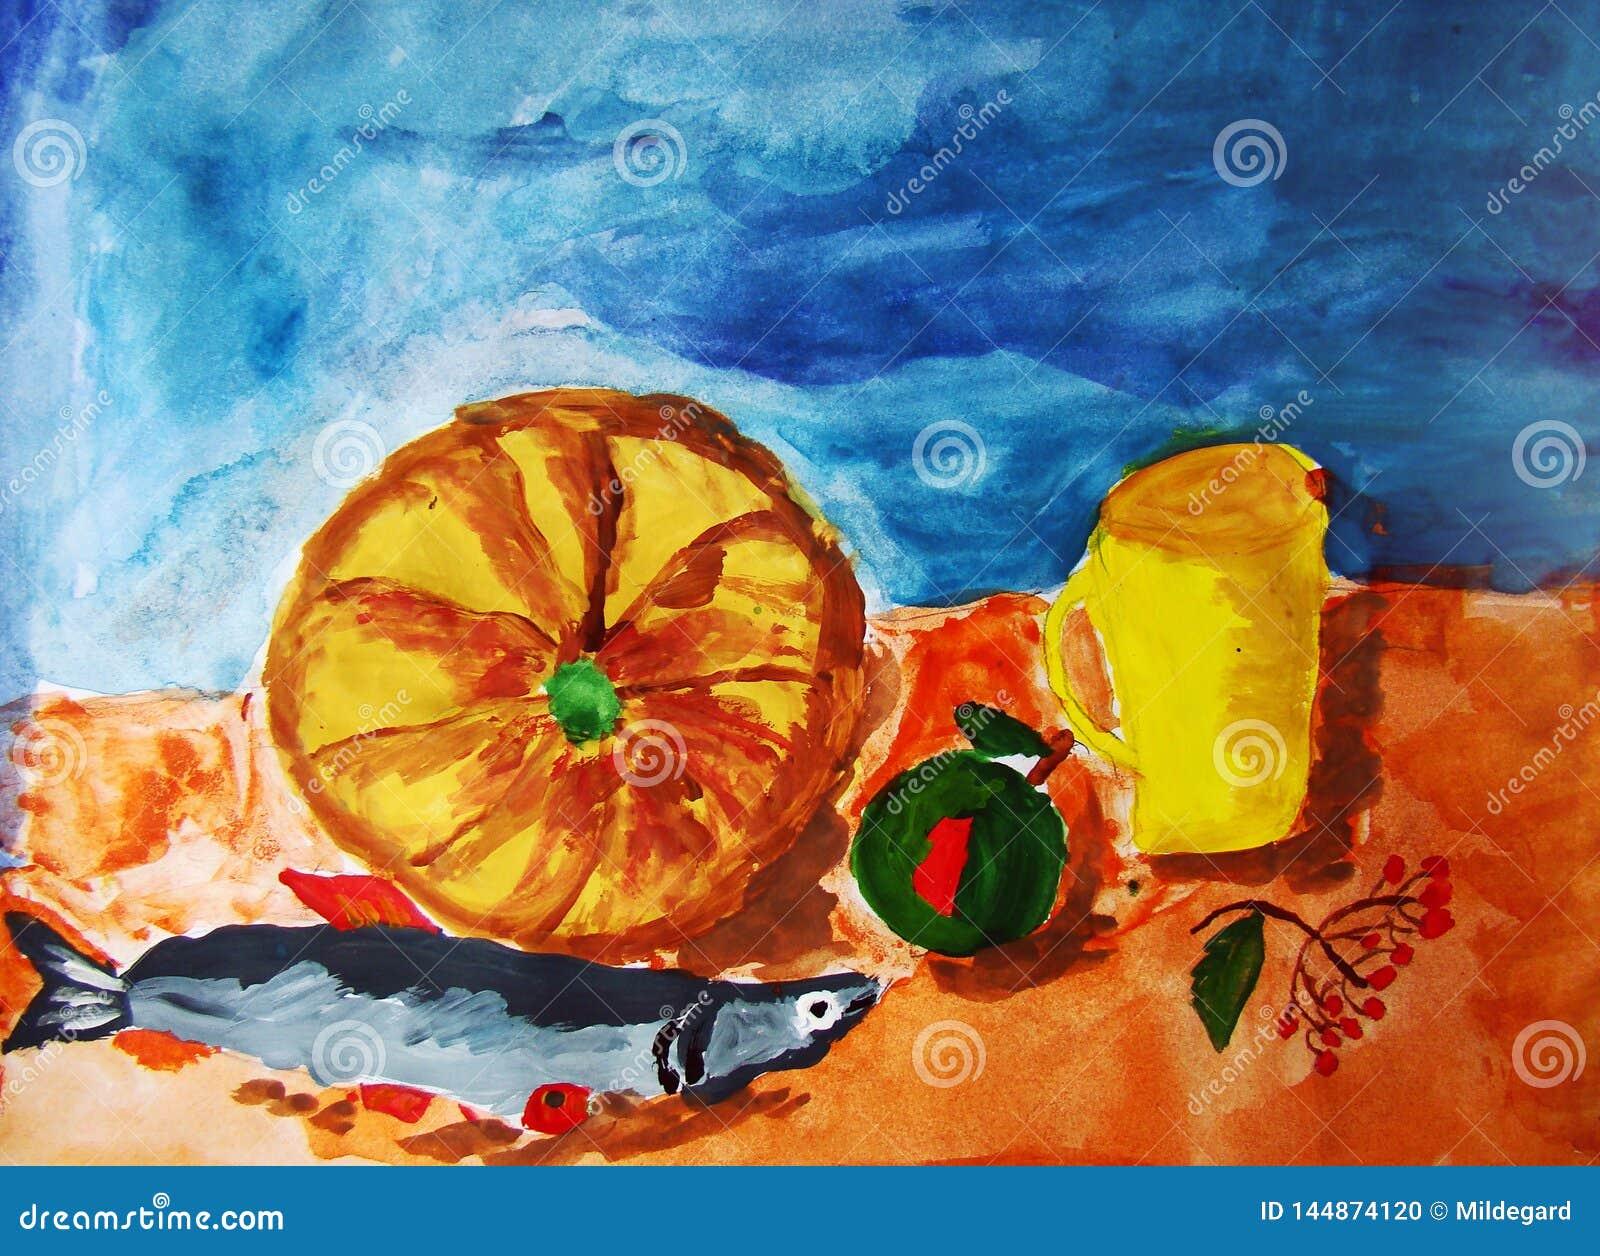 Stilleven met pompoen en vissen door kind wordt geschilderd dat